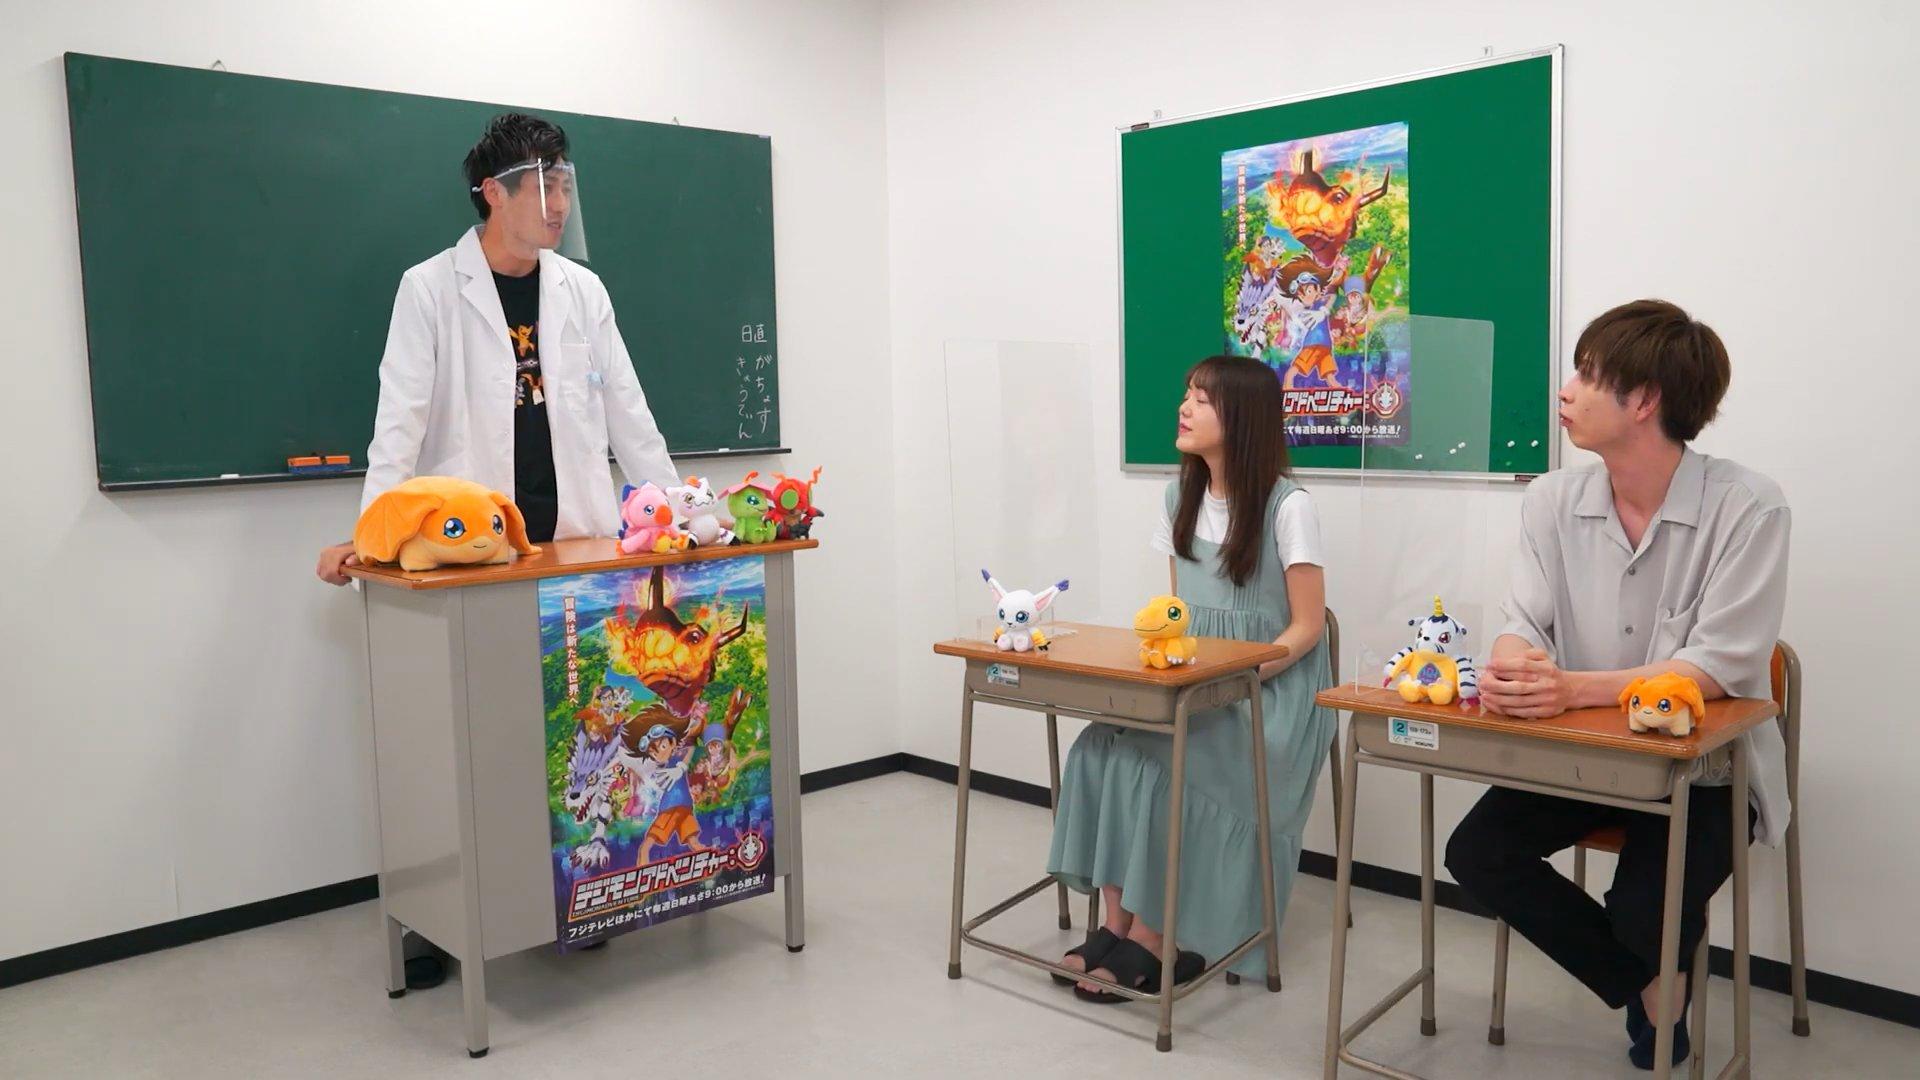 digimonclassroom1_01_september23_2020.jpg